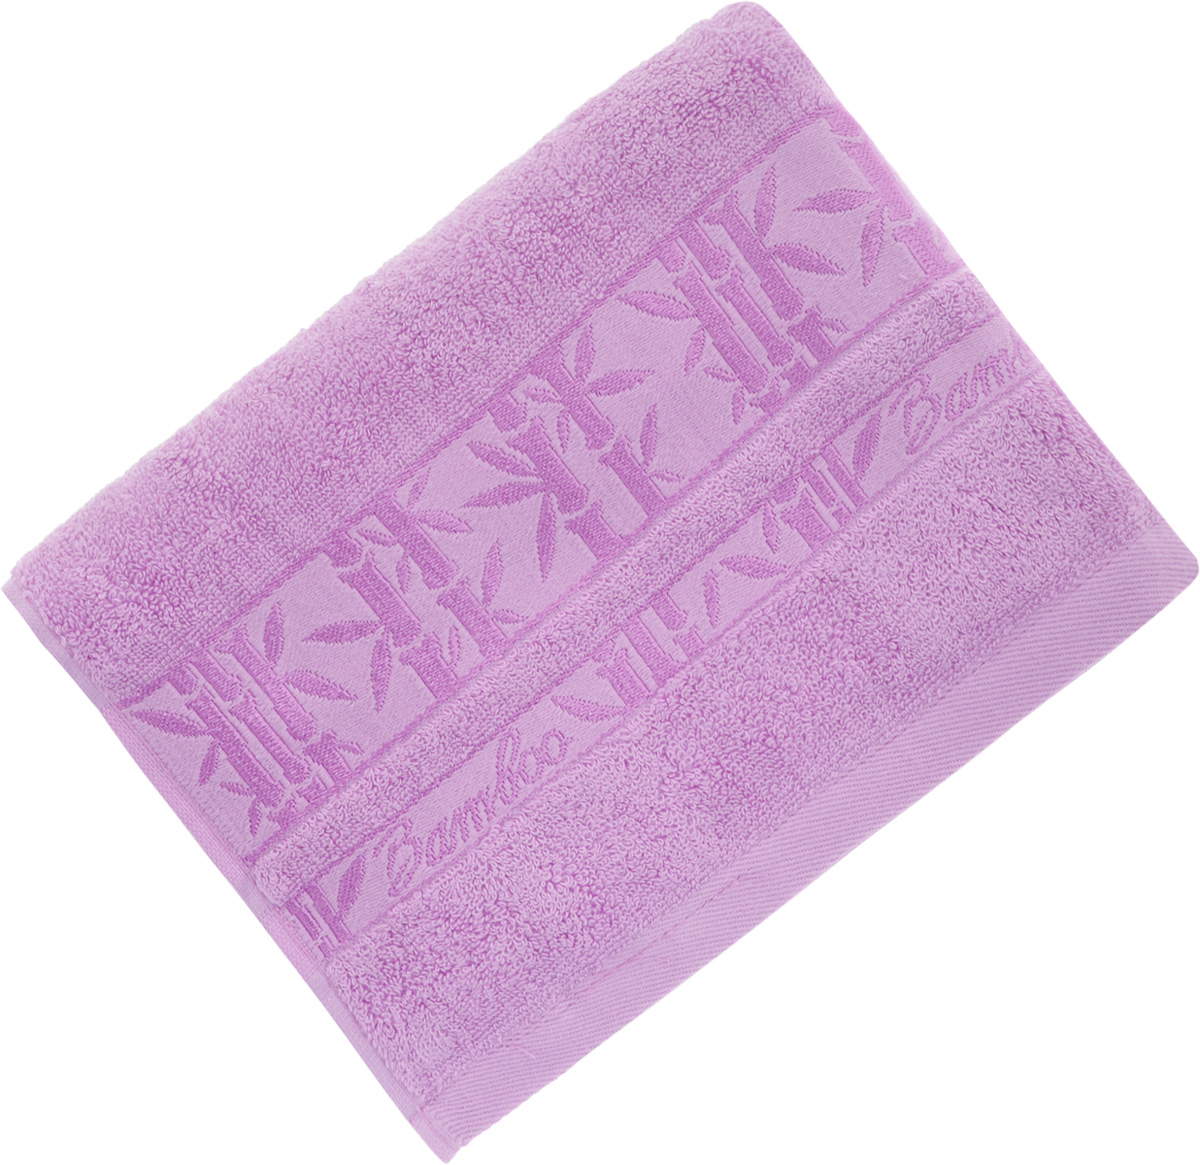 Полотенце Soavita Daniel, цвет: темно-розовый, 50 х 70 см391602Полотенце Soavita Daniel выполнено из 100% бамбукового волокна. Изделие отлично впитывает влагу, быстро сохнет, сохраняет яркость цвета и не теряет форму даже после многократных стирок. Полотенце очень практично и неприхотливо в уходе. Оно создаст прекрасное настроение и украсит интерьер в ванной комнате.